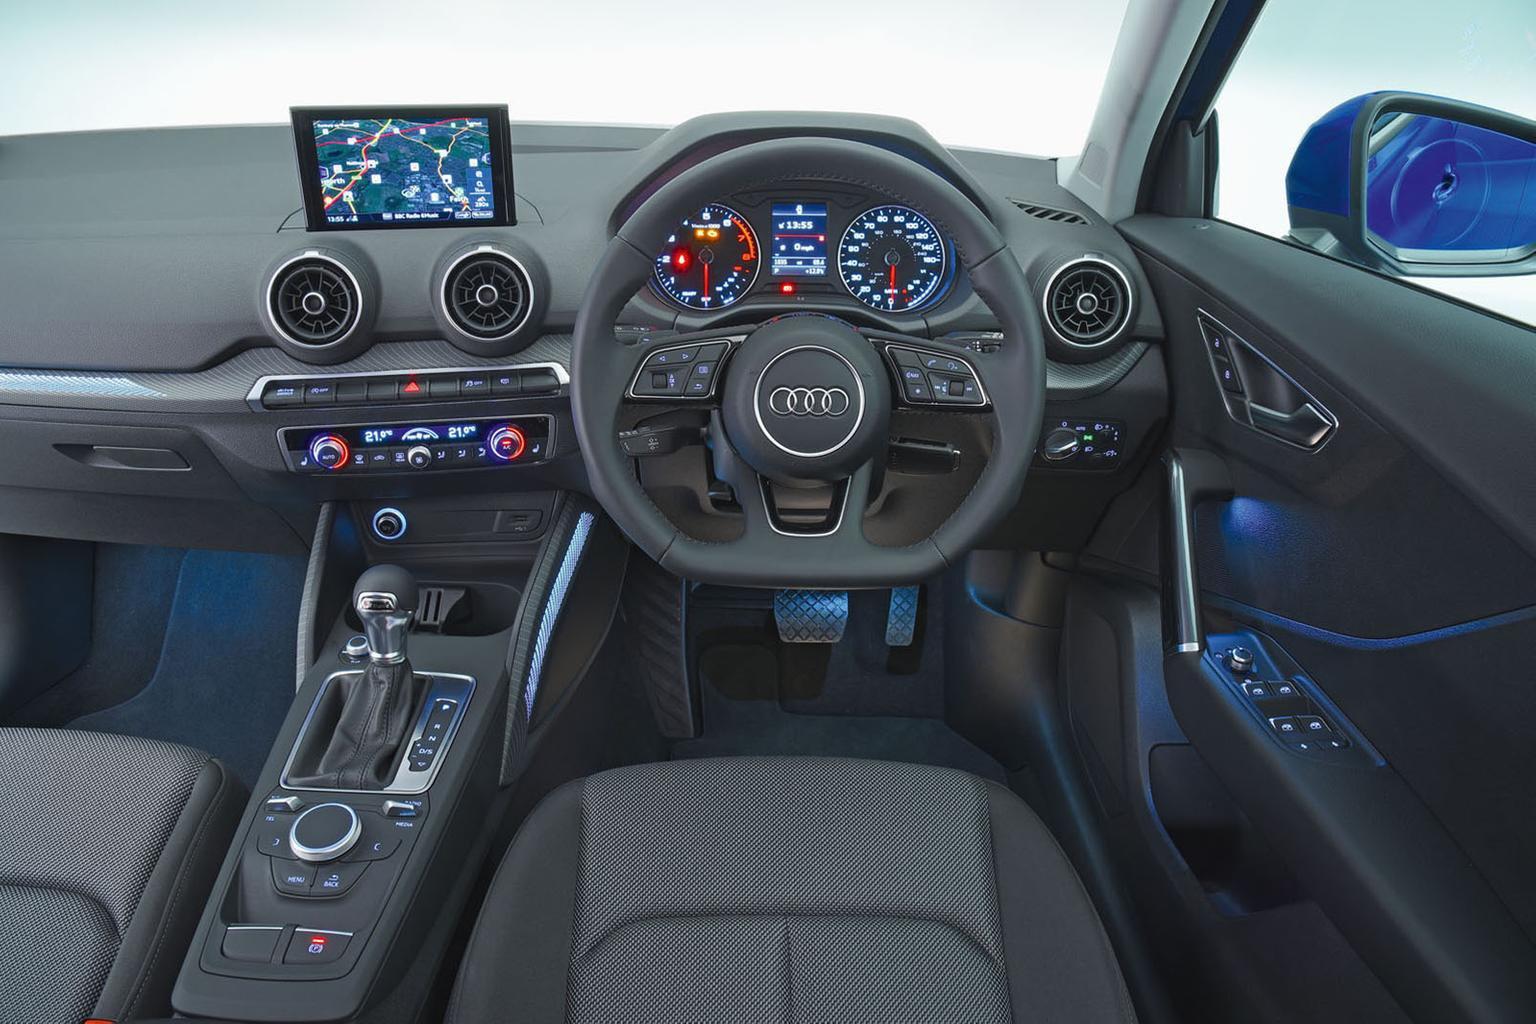 Audi Q2 interior